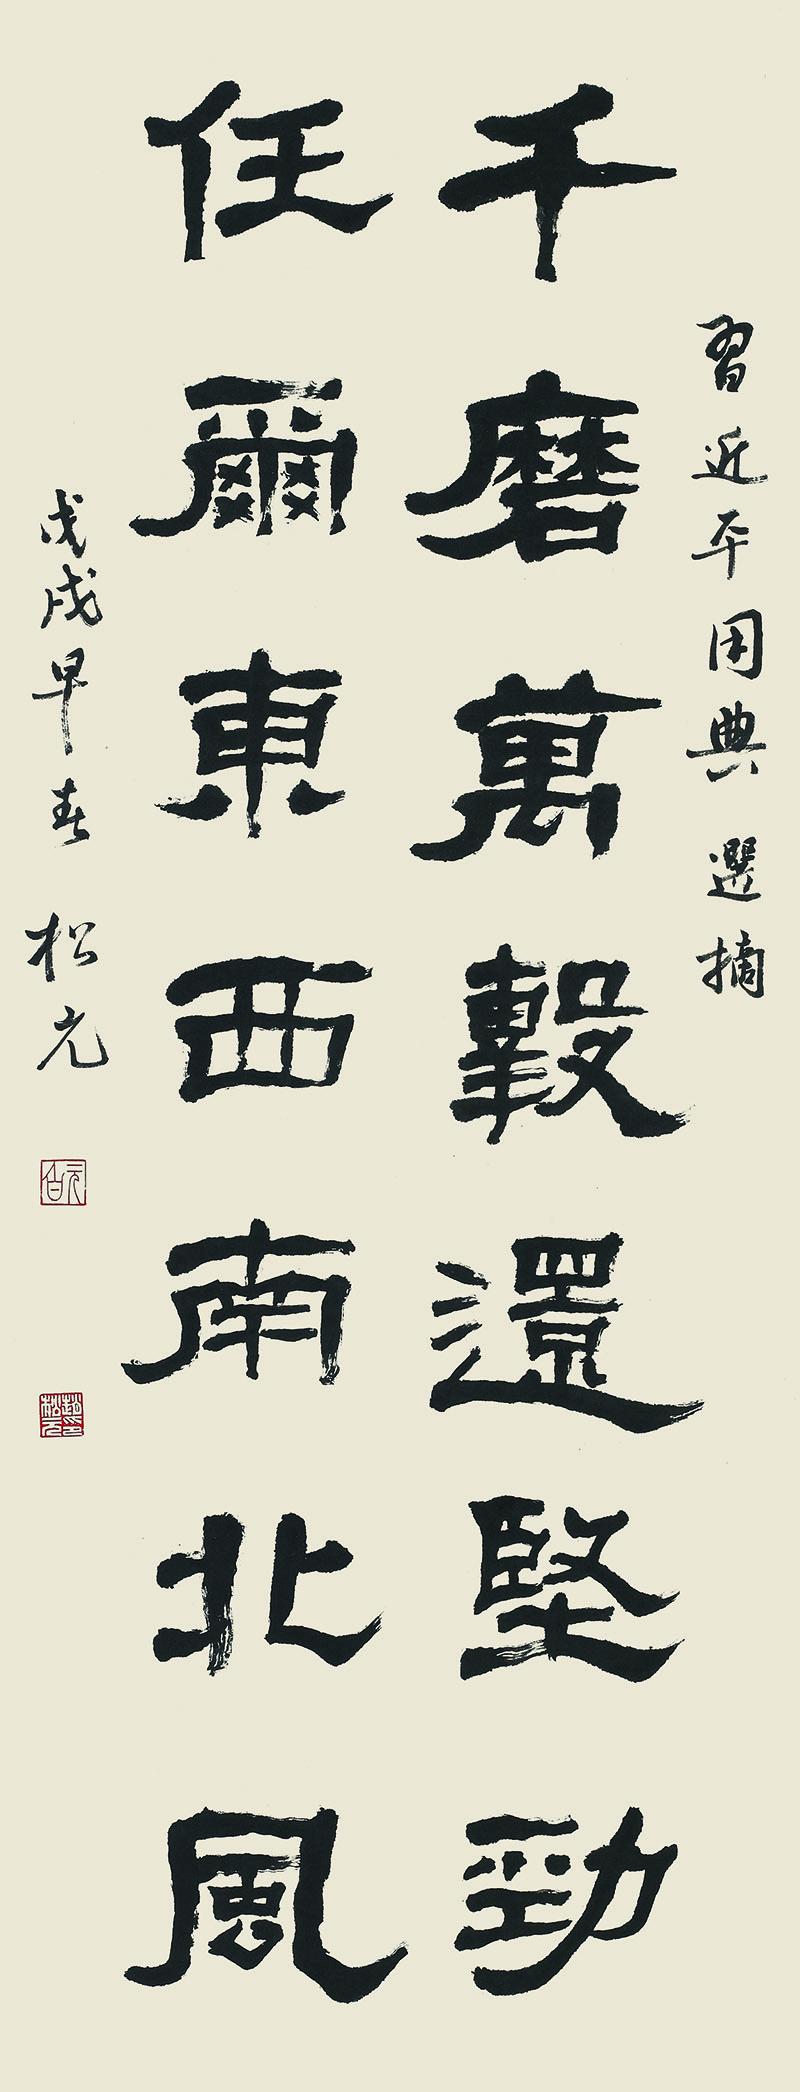 077赵松元-楷书竖幅-《论语·述而》-隶书竖幅-习近平用典